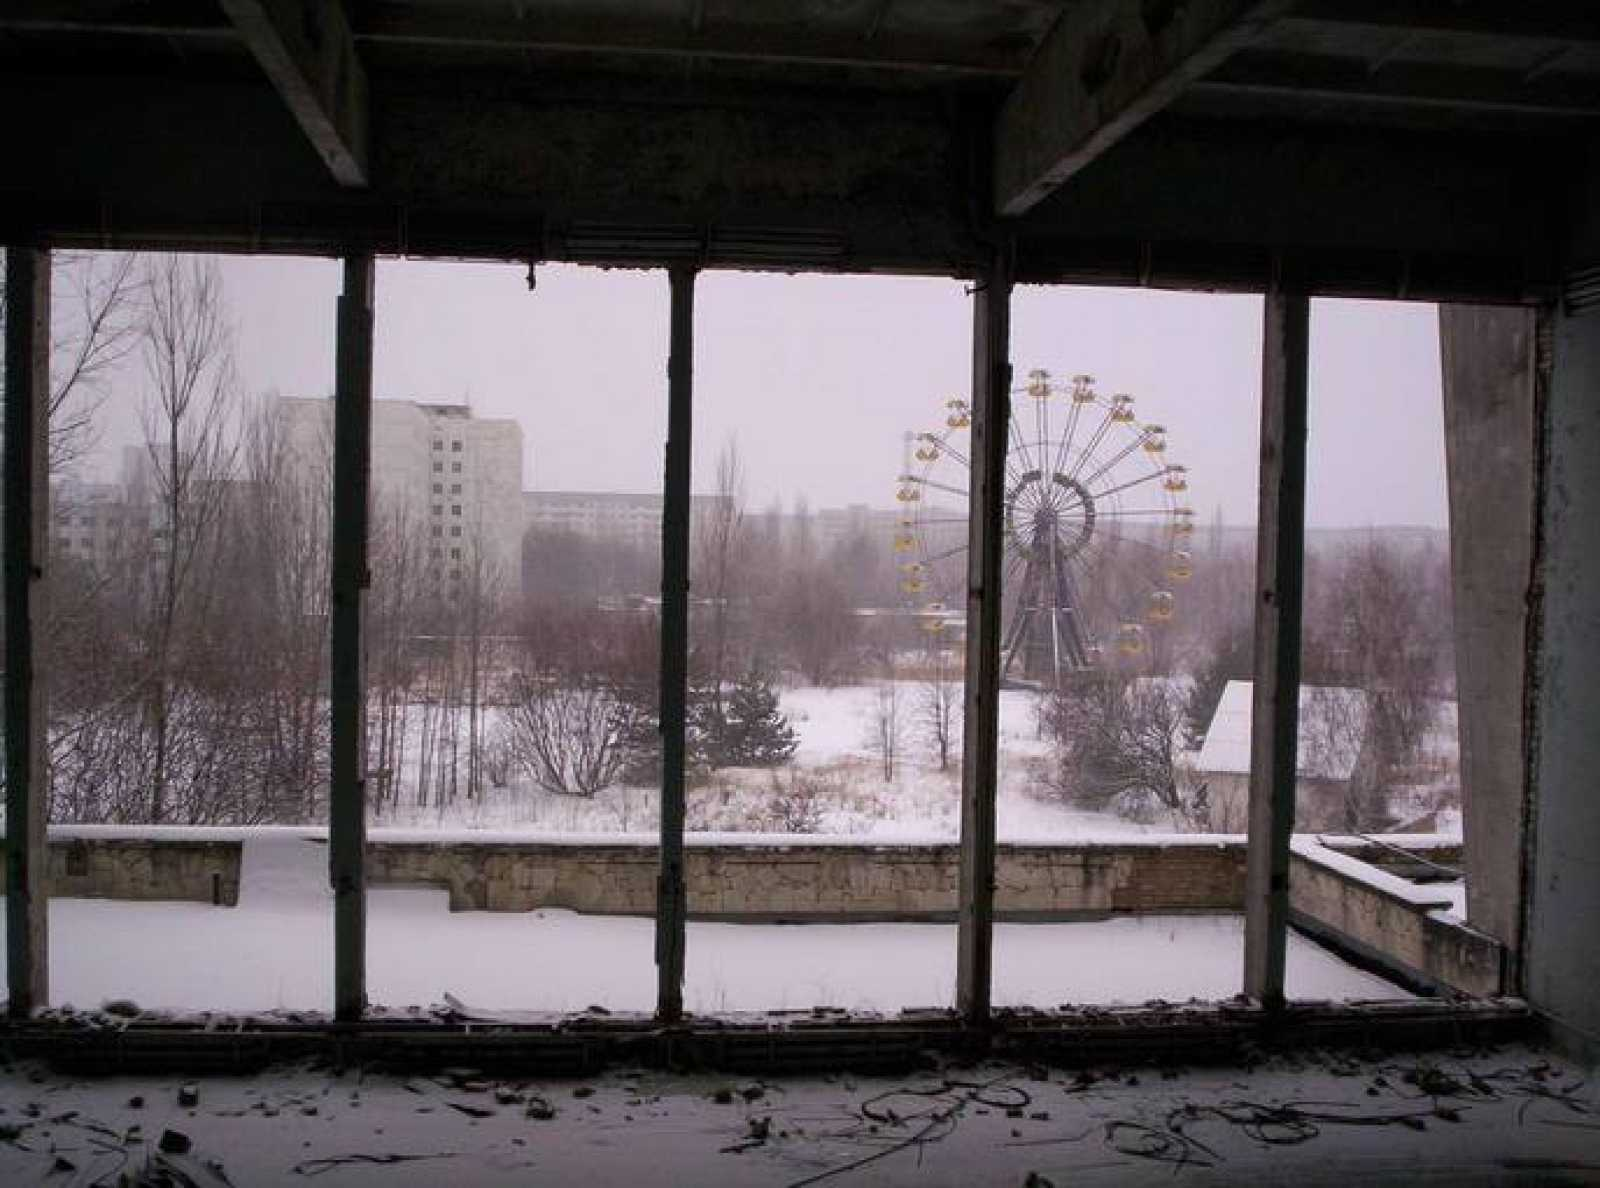 La noria abandonada de Pripyat, un símbolo del accidente de Chernóbil